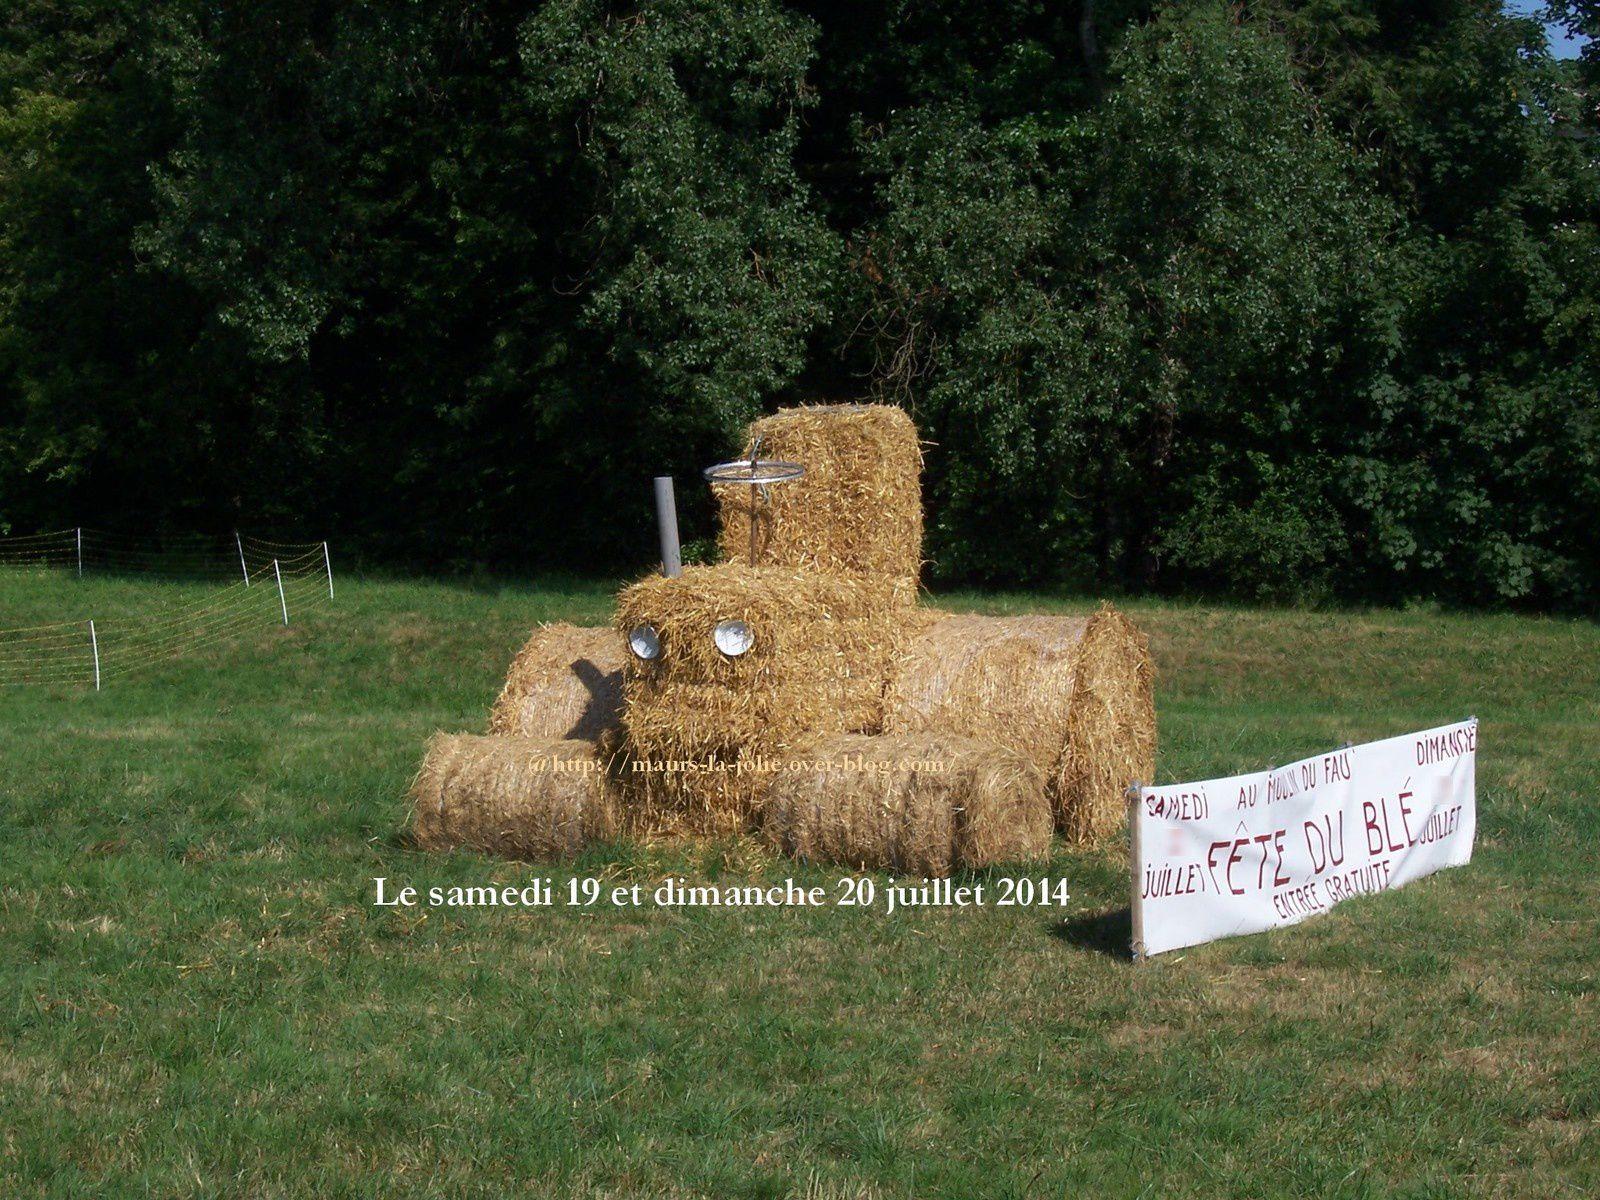 Tracteur fête du blé 2013